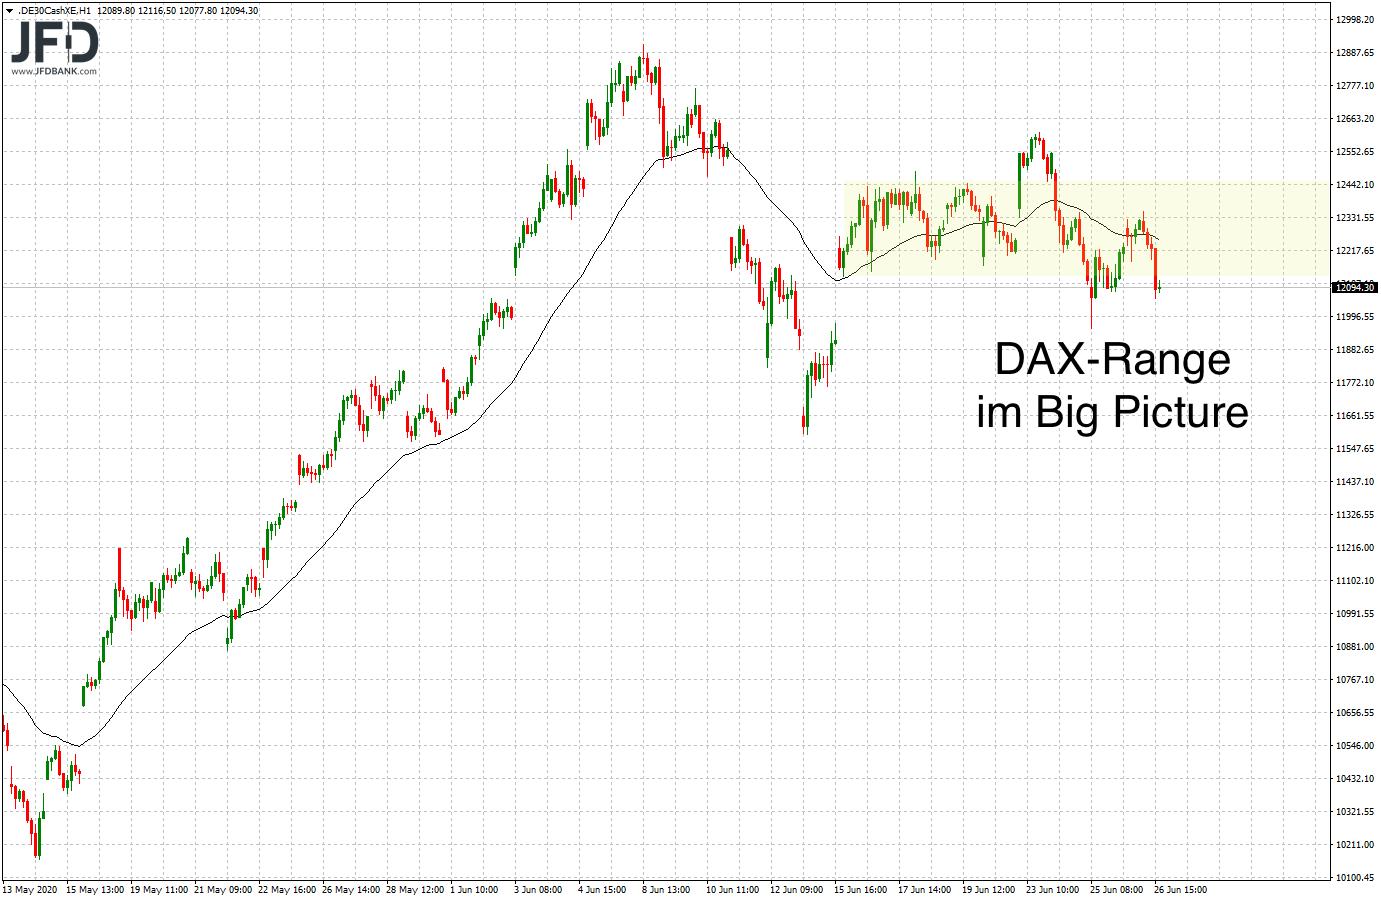 Range im Stundenchart DAX